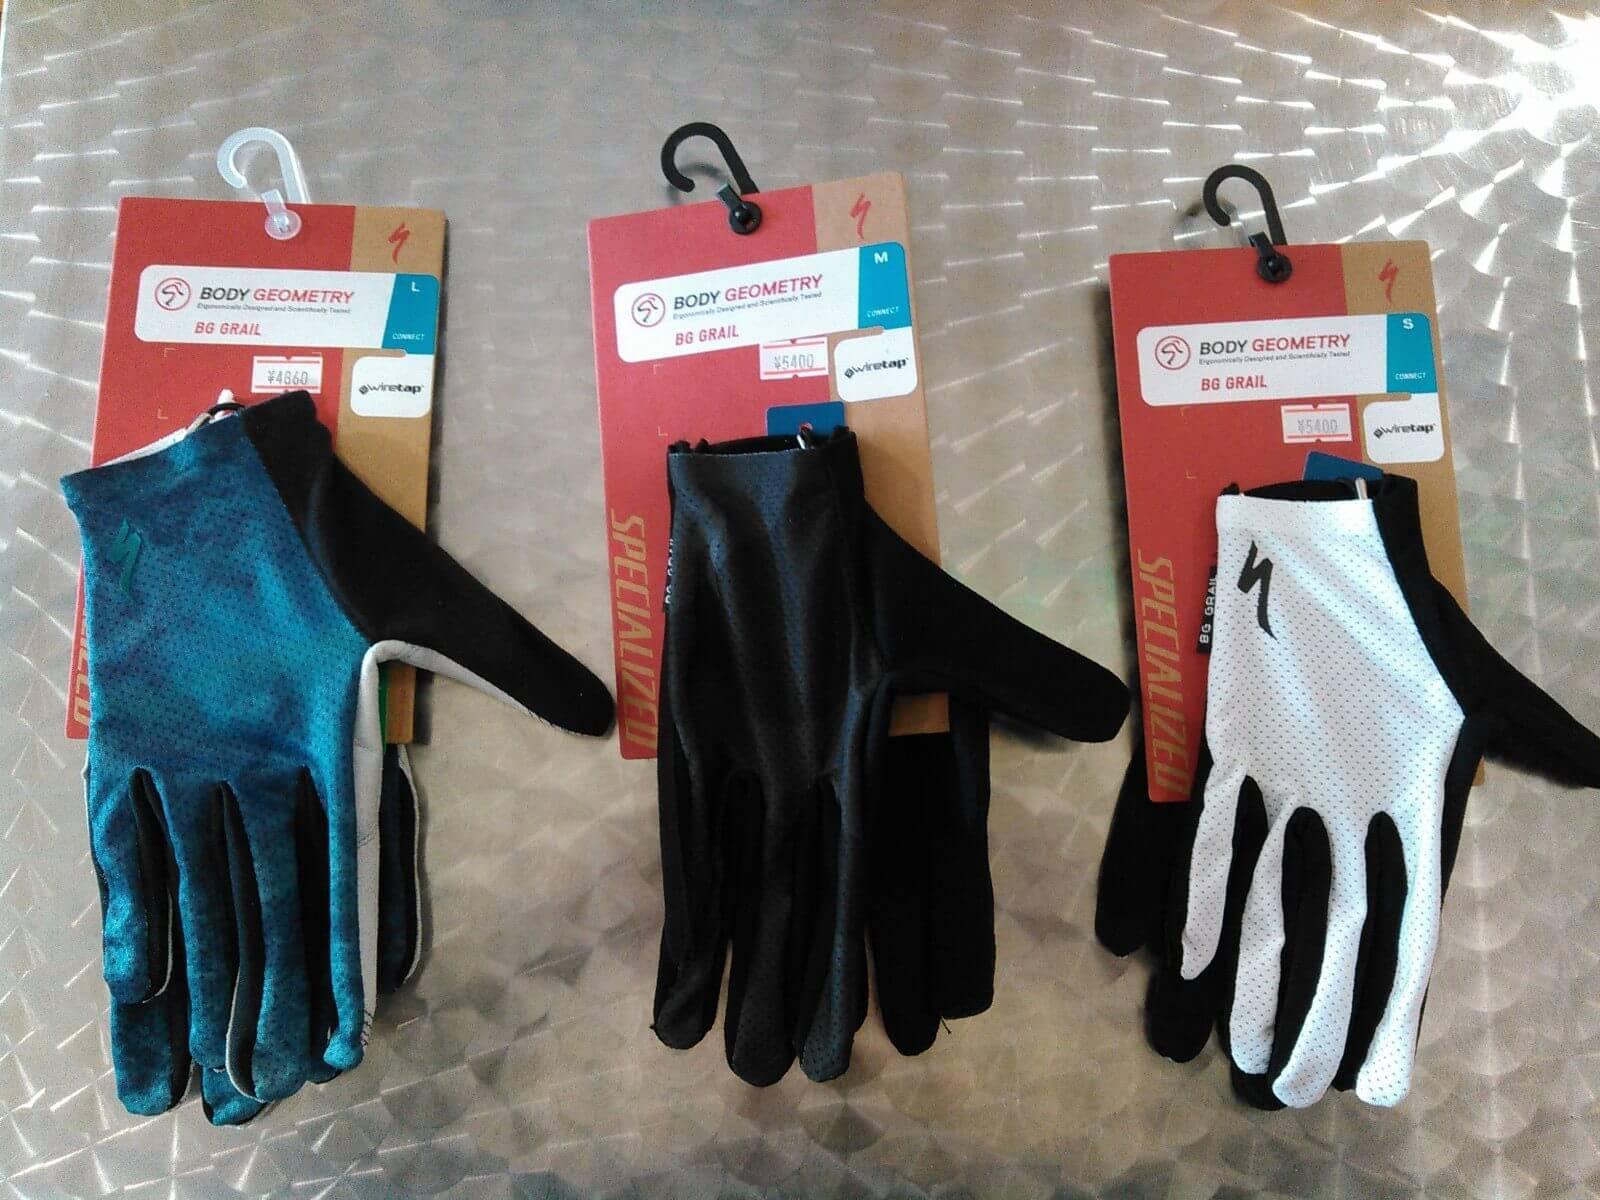 Body Geometry Grail Long Finger Gloves画像